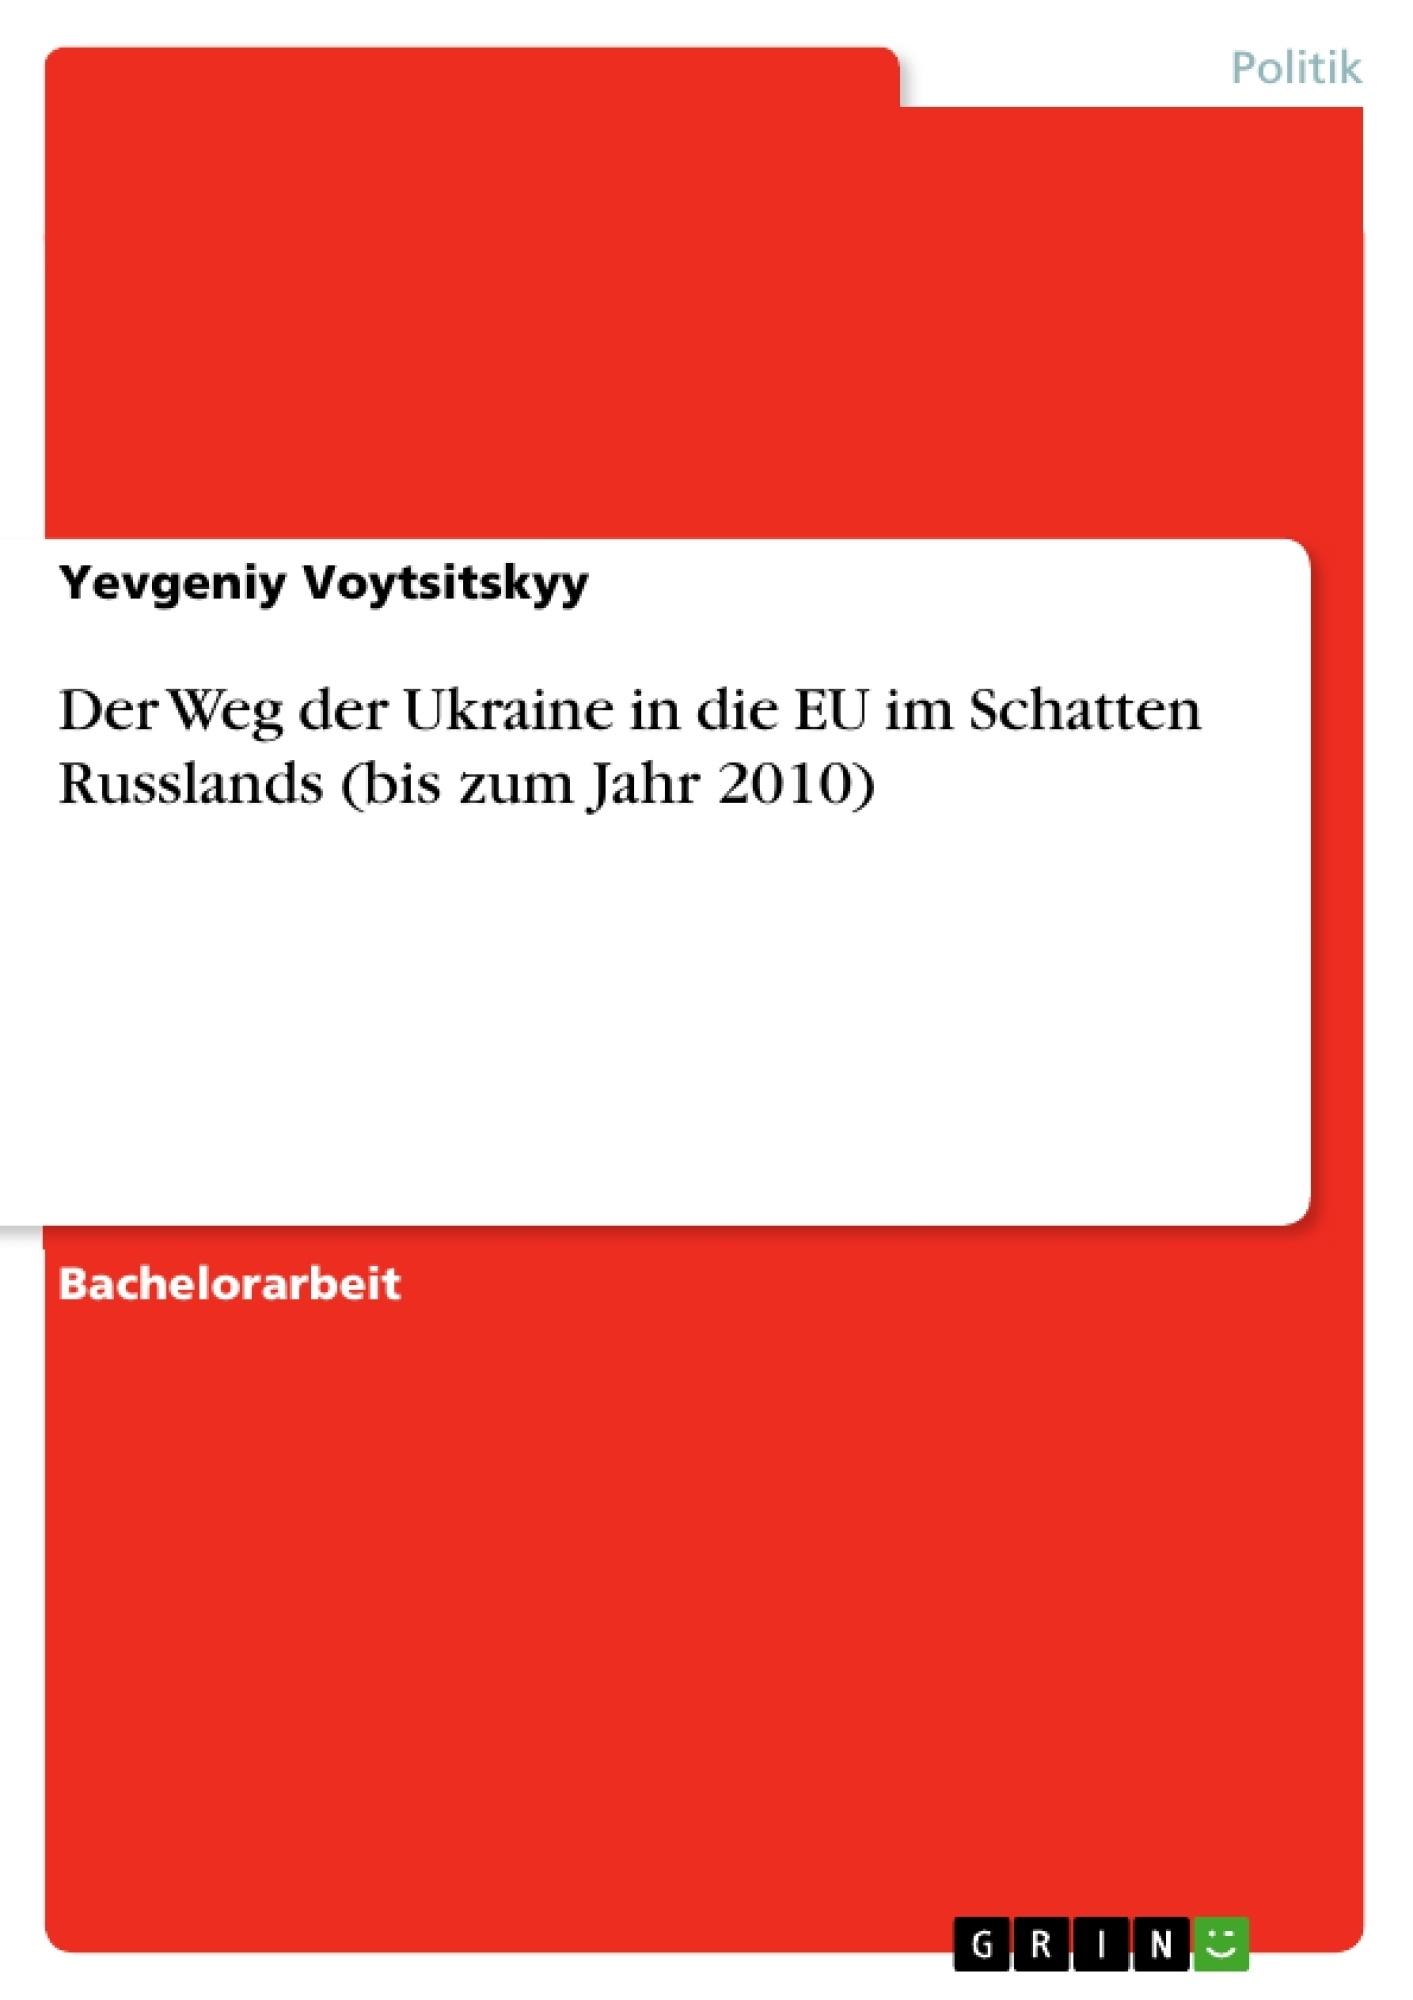 Titel: Der Weg der Ukraine in die EU im Schatten Russlands (bis zum Jahr 2010)